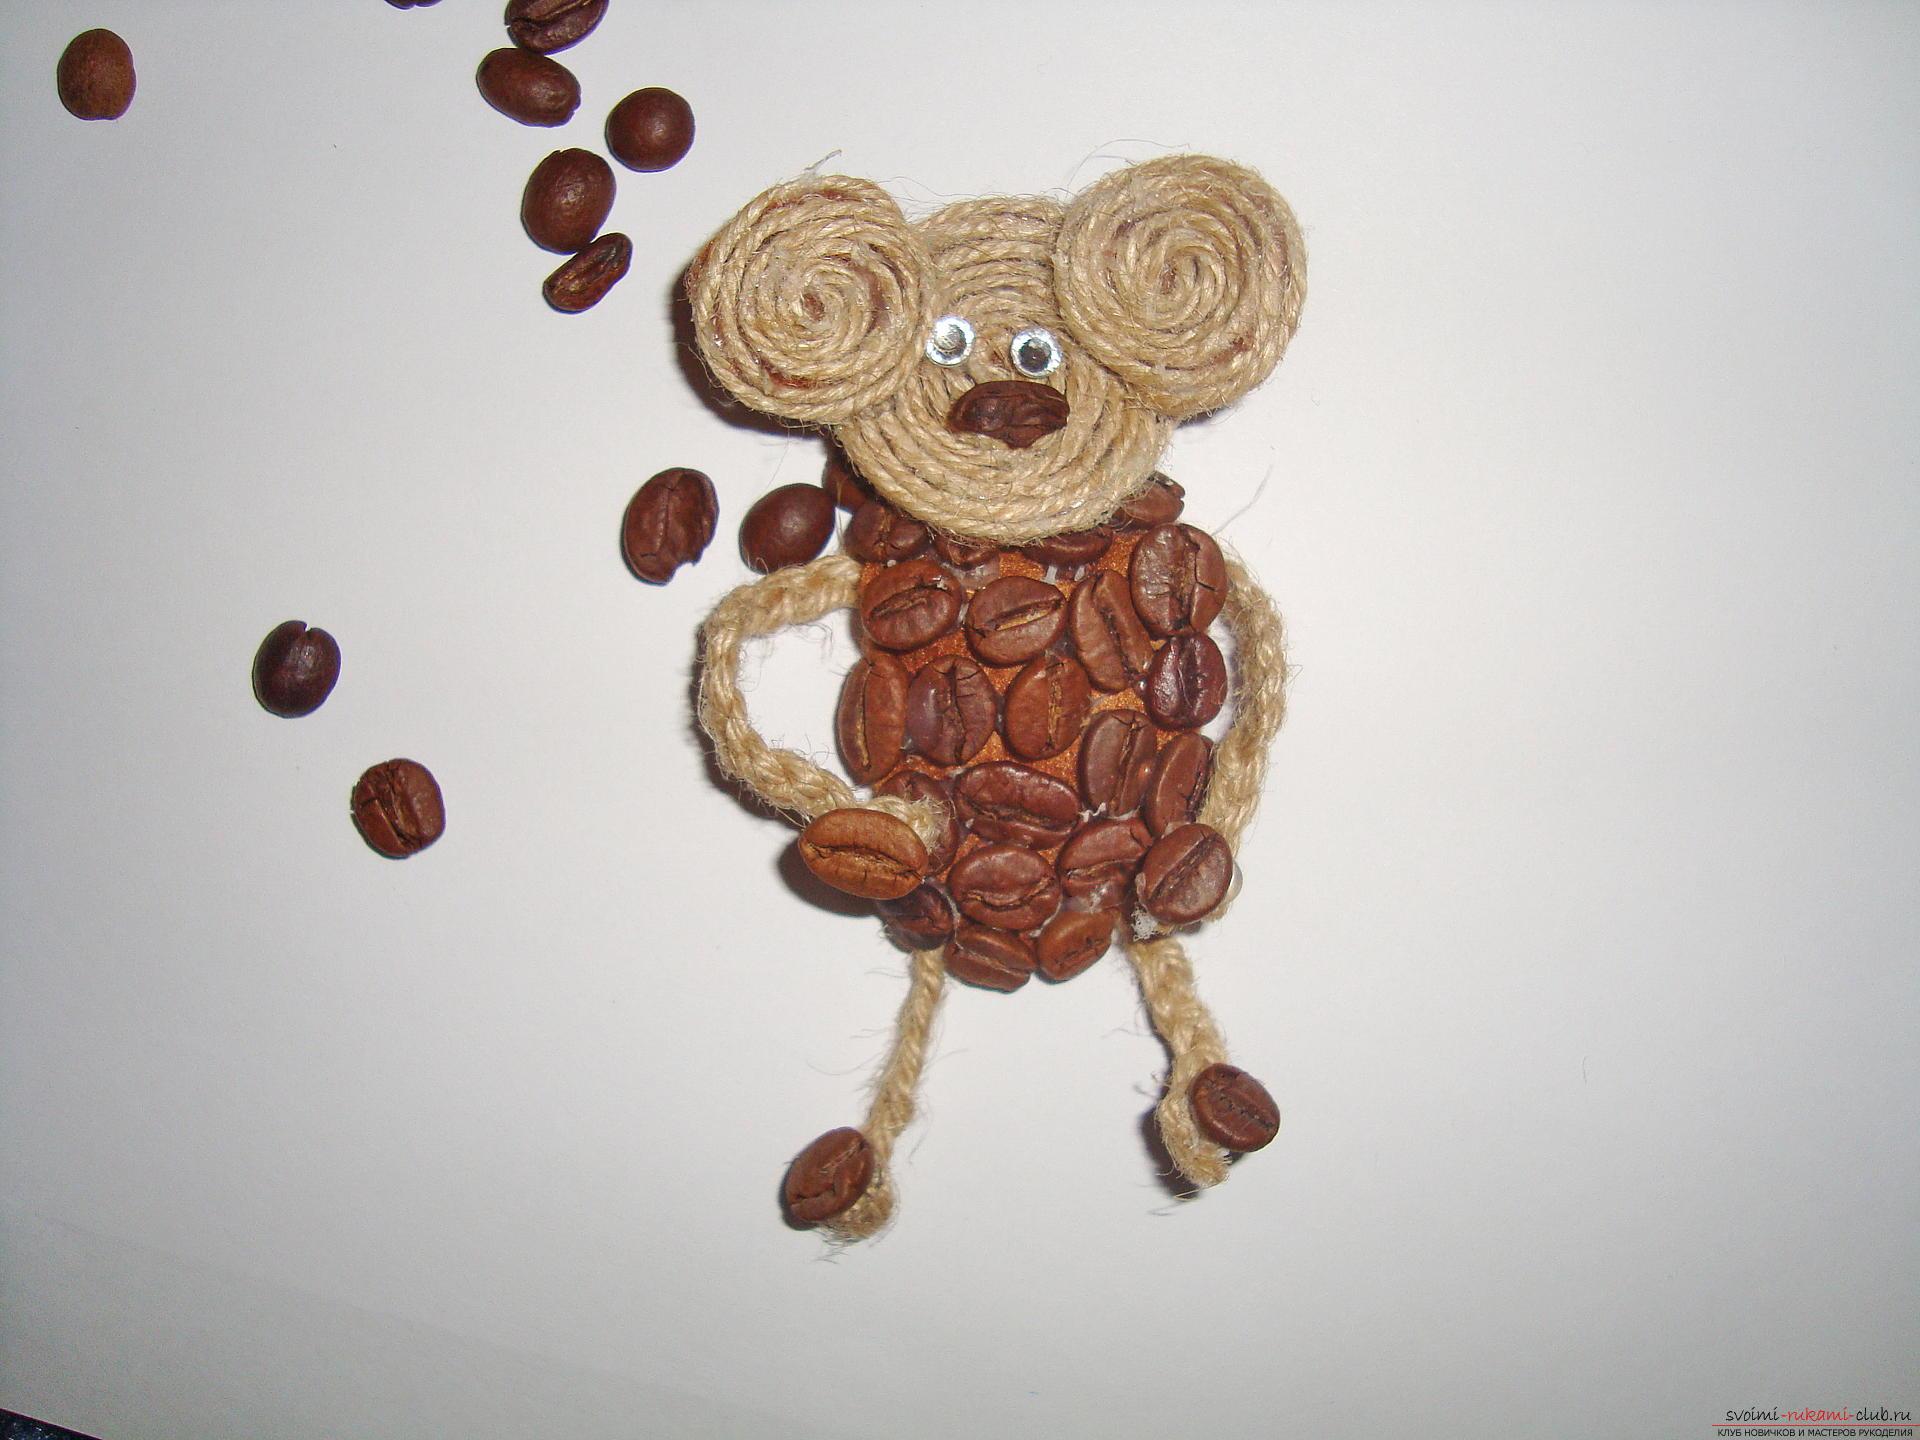 Фото к уроку по изготовлению обезьянки символа 2022 года. Фото №1